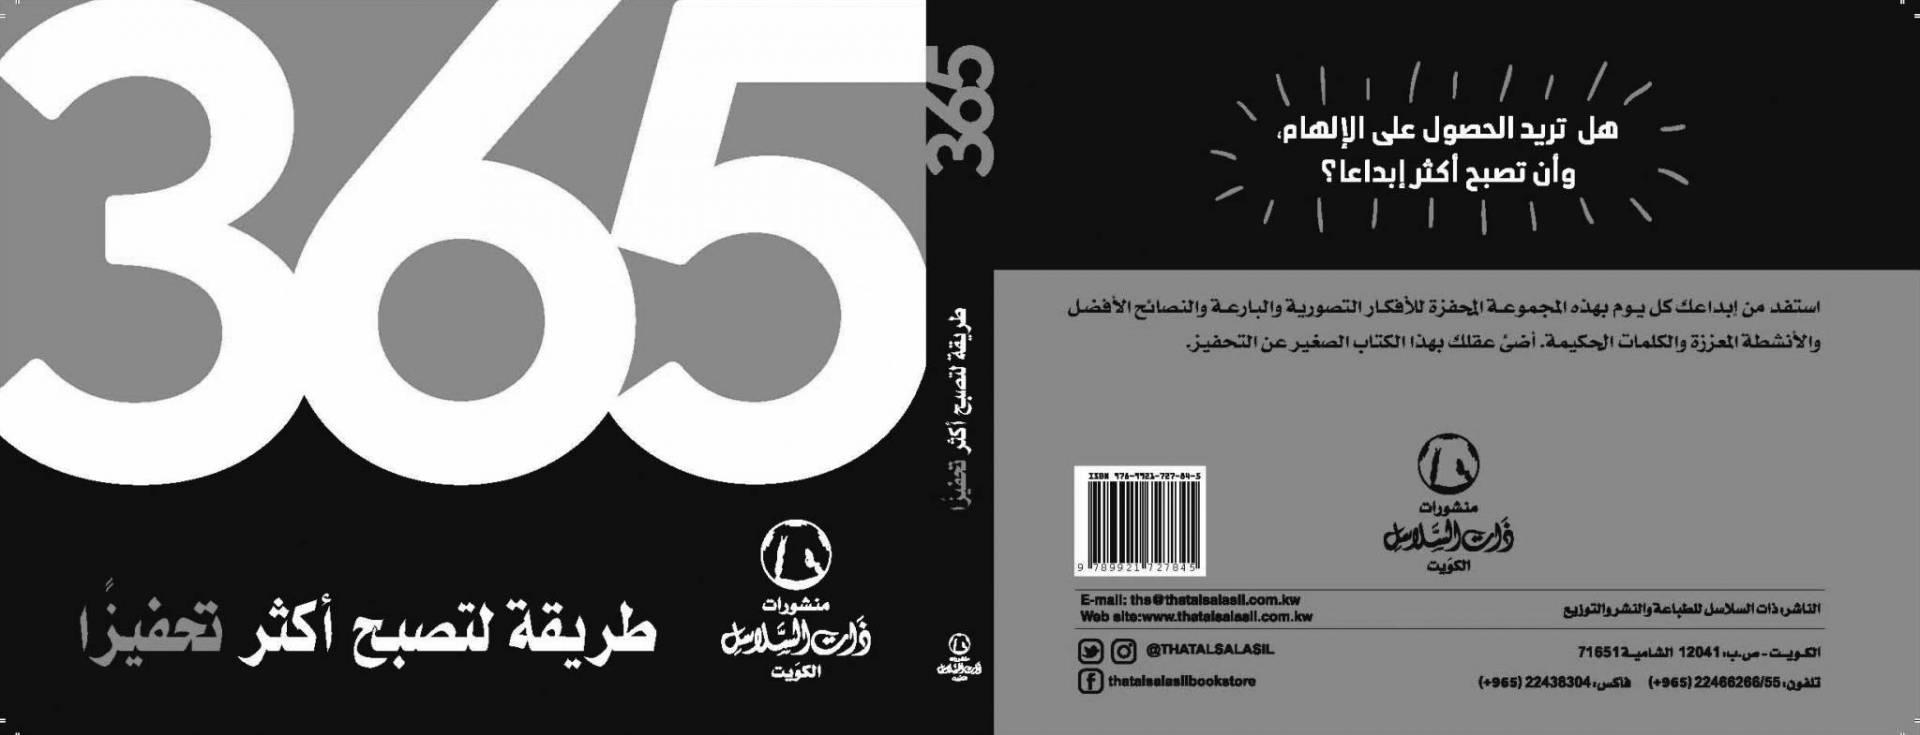 غلاف كتاب «365 طريقة لتصبح أكثر تحفيزا»